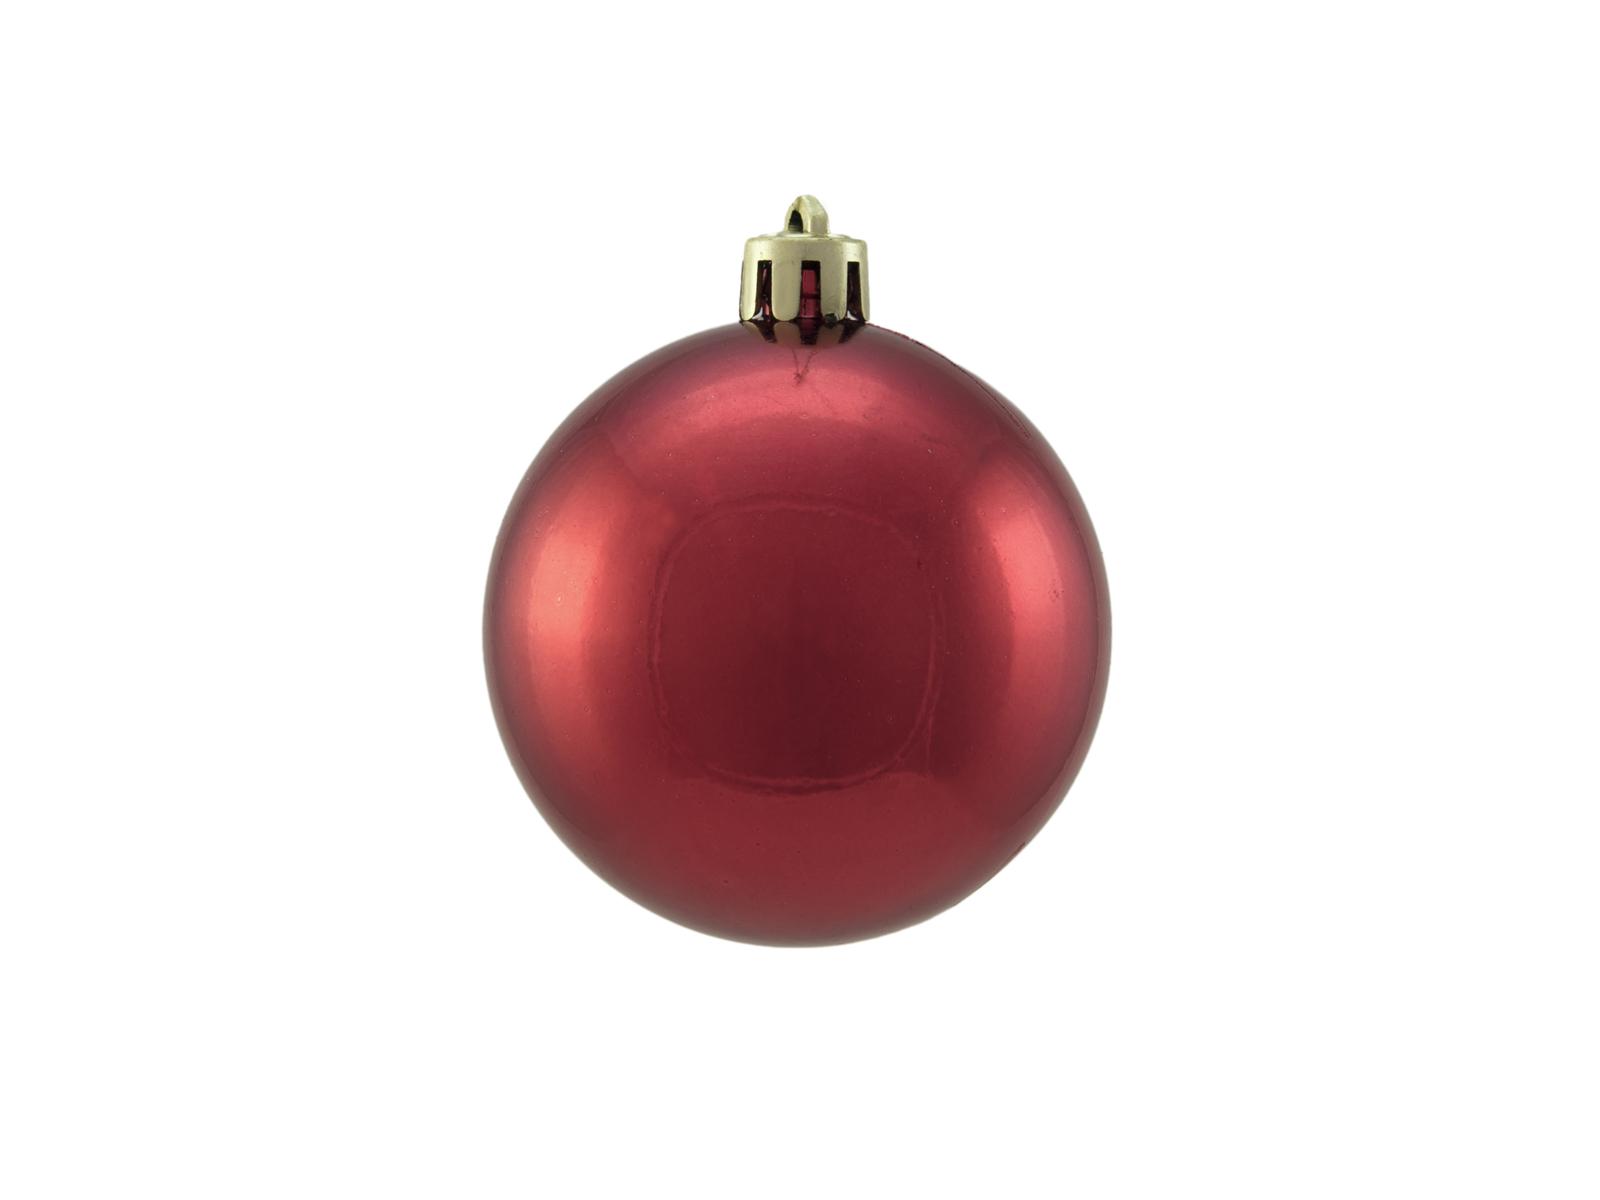 Vánoční dekorační ozdoby, 6 cm, červená metalíza, 6 ks